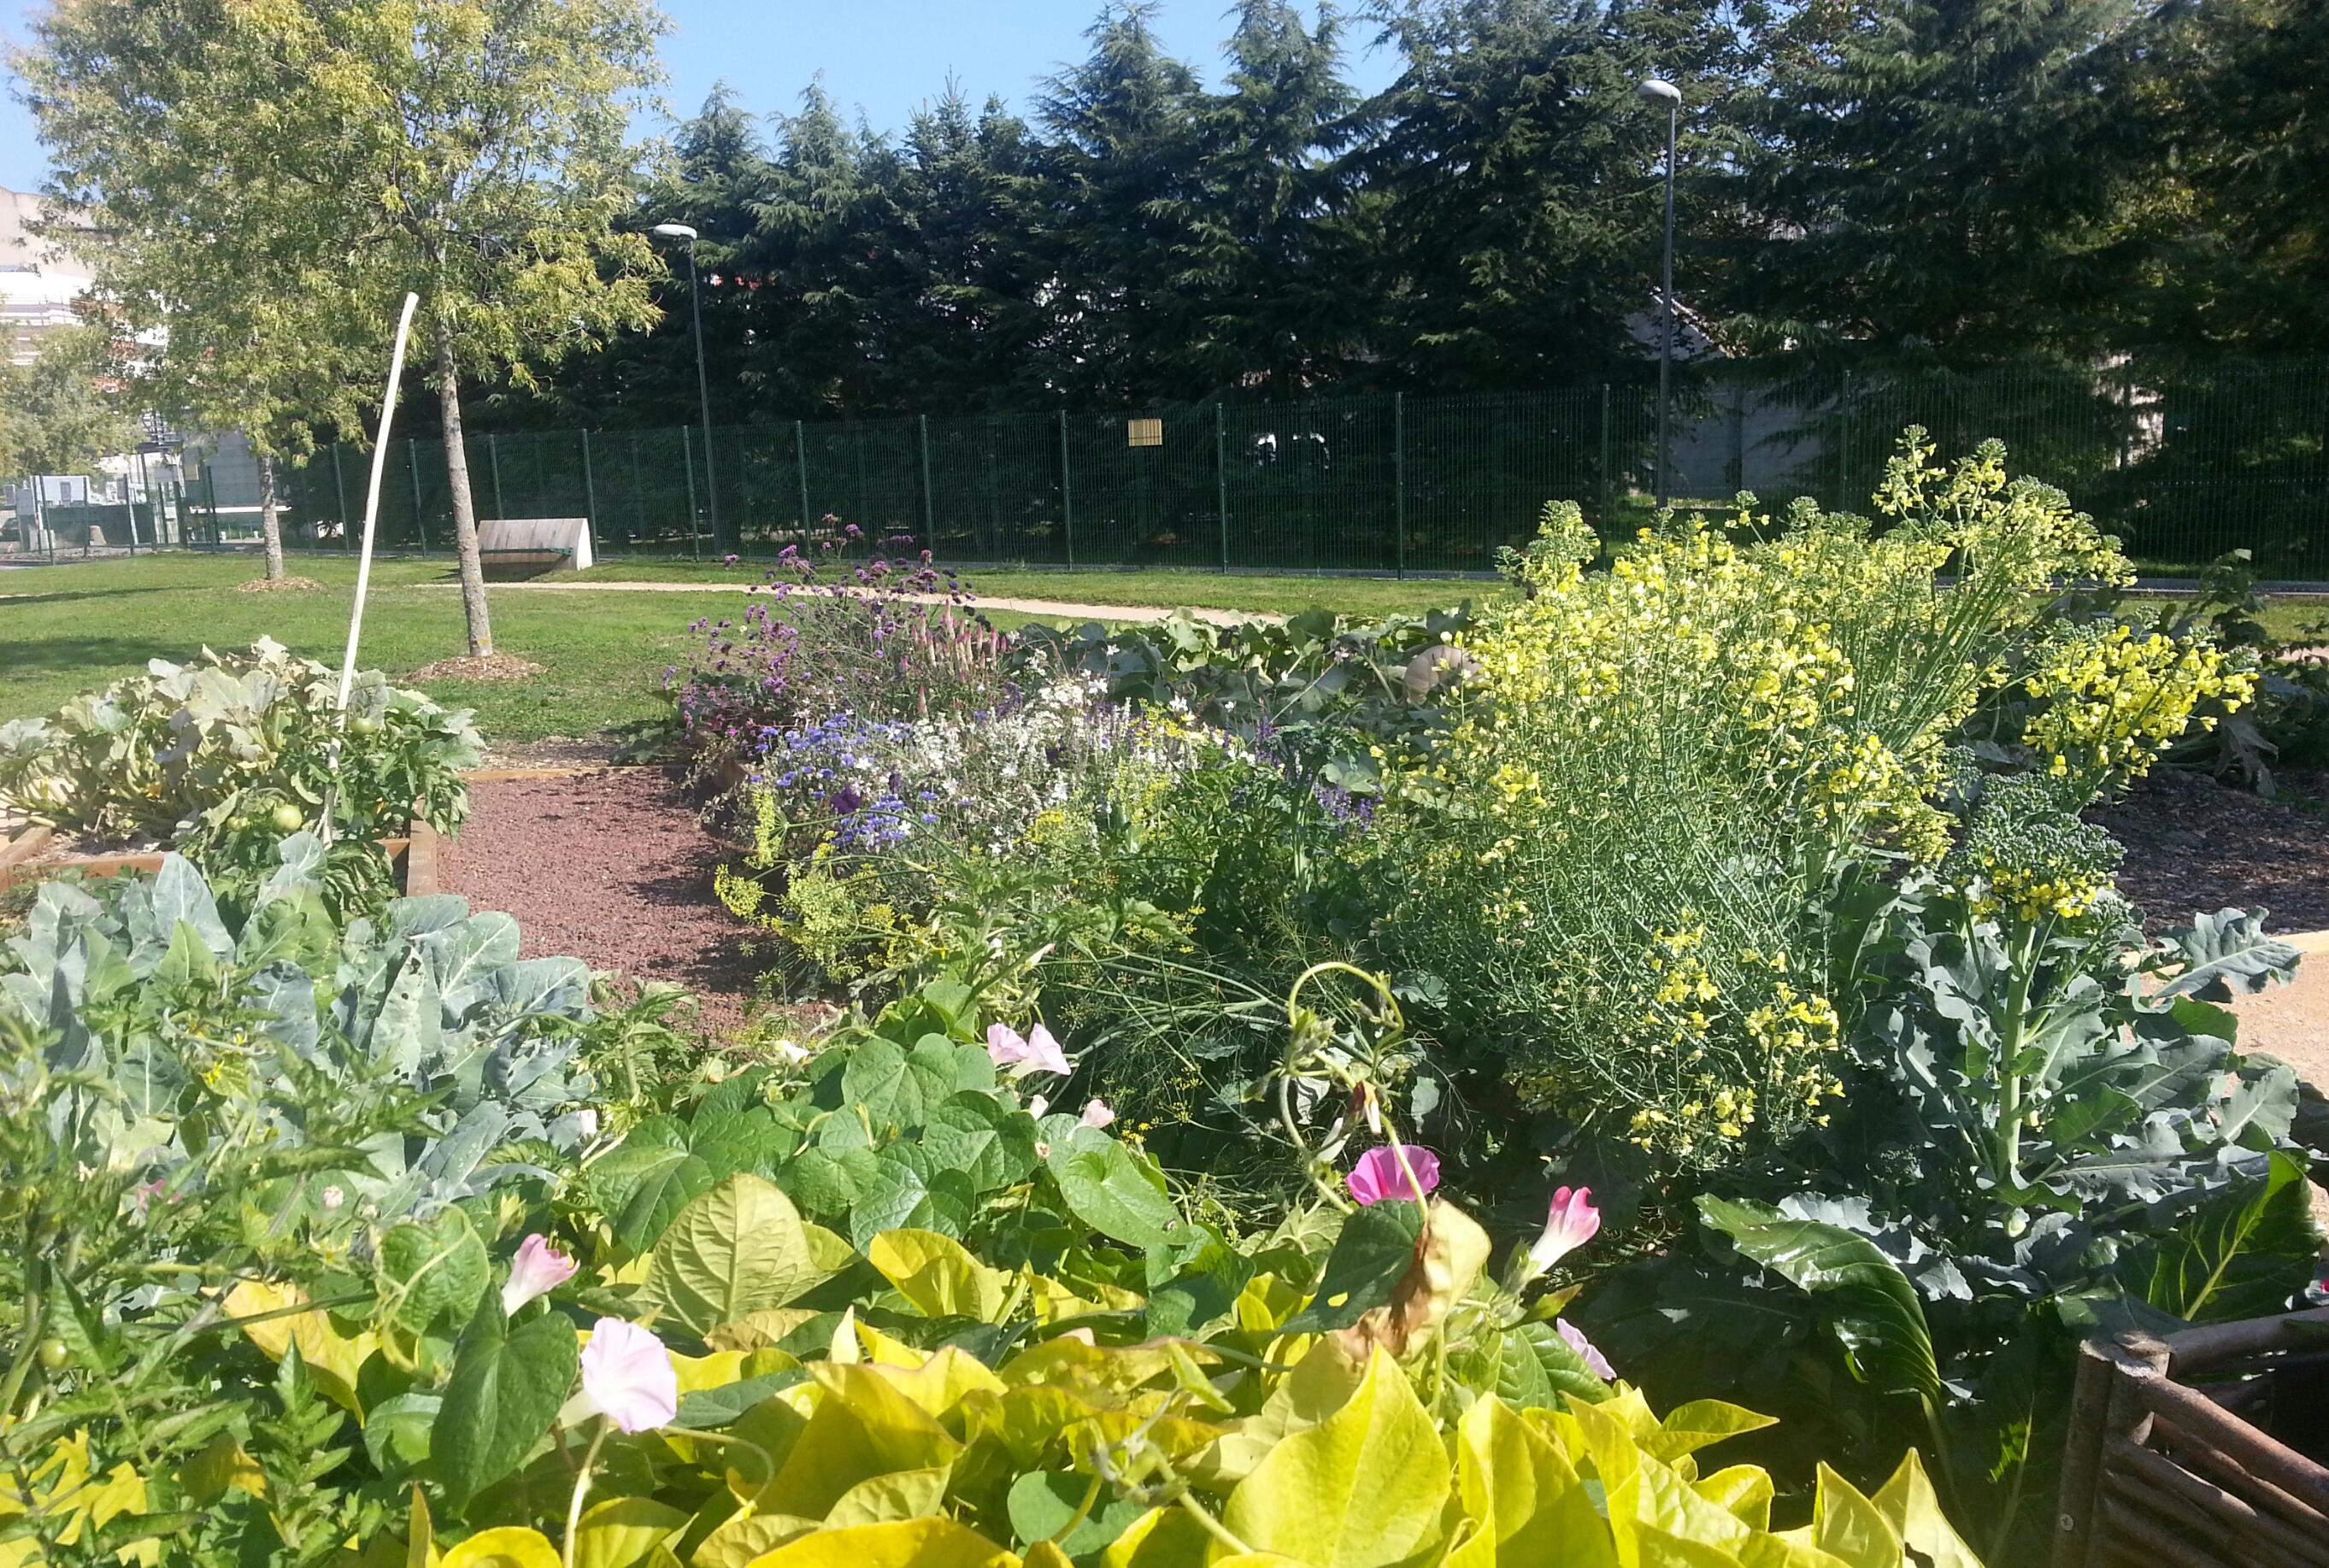 Jardin et famille de patients le bonheur est dans le jardin for Jardin bonheur 2015